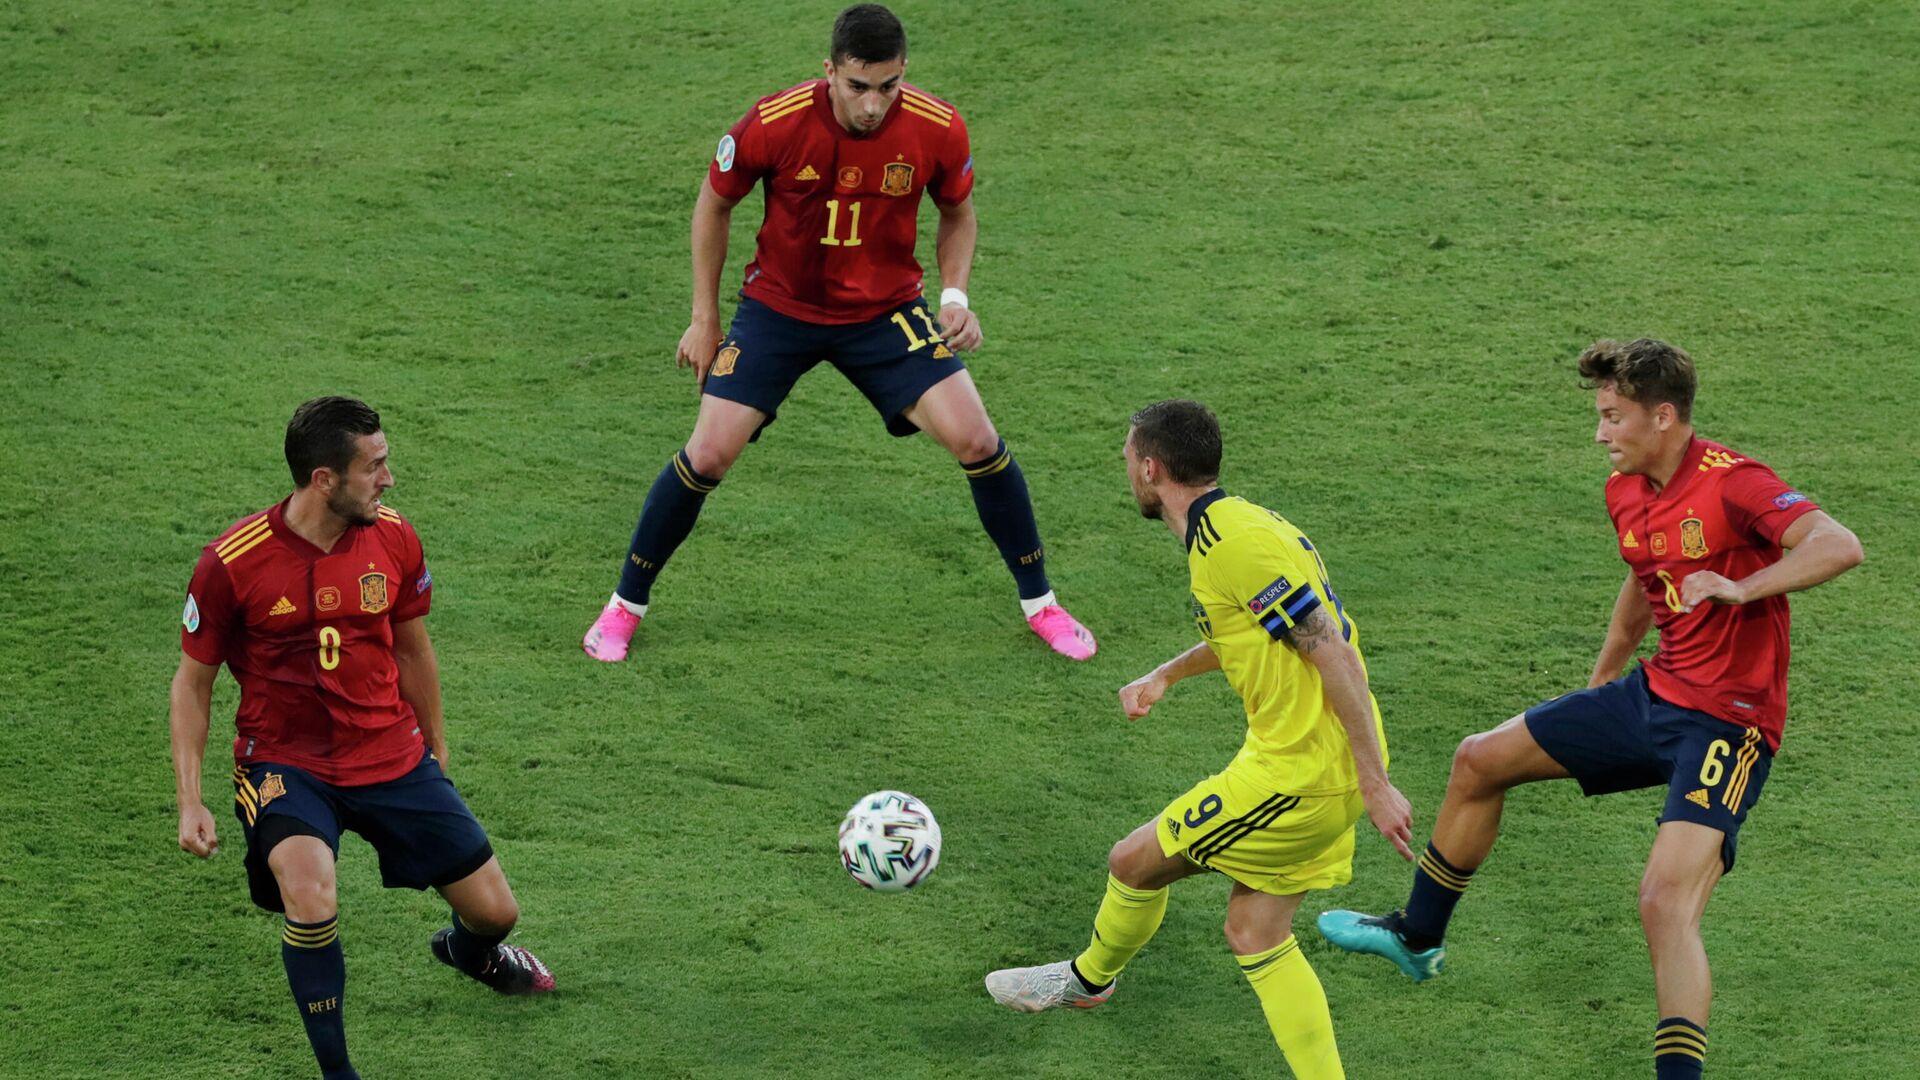 Игровой момент матча Испания - Швеция - РИА Новости, 1920, 14.06.2021